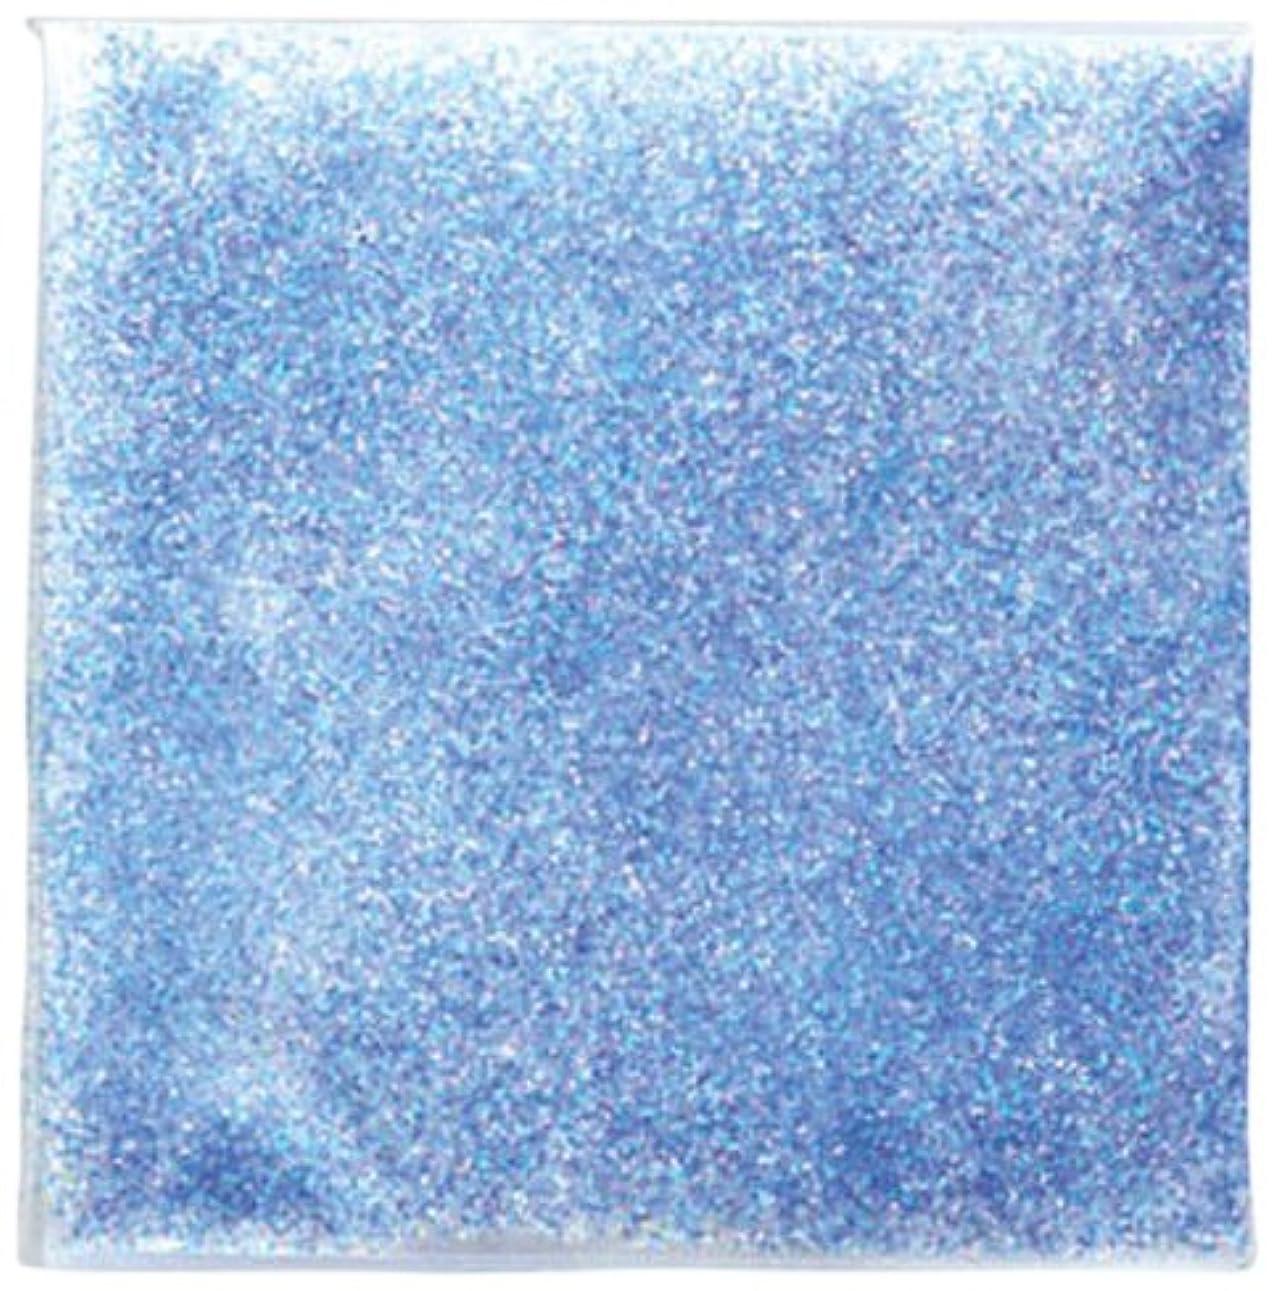 ピンク世辞有益なピカエース ネイル用パウダー ラメパステルレインボー S #447 ブルー 0.7g